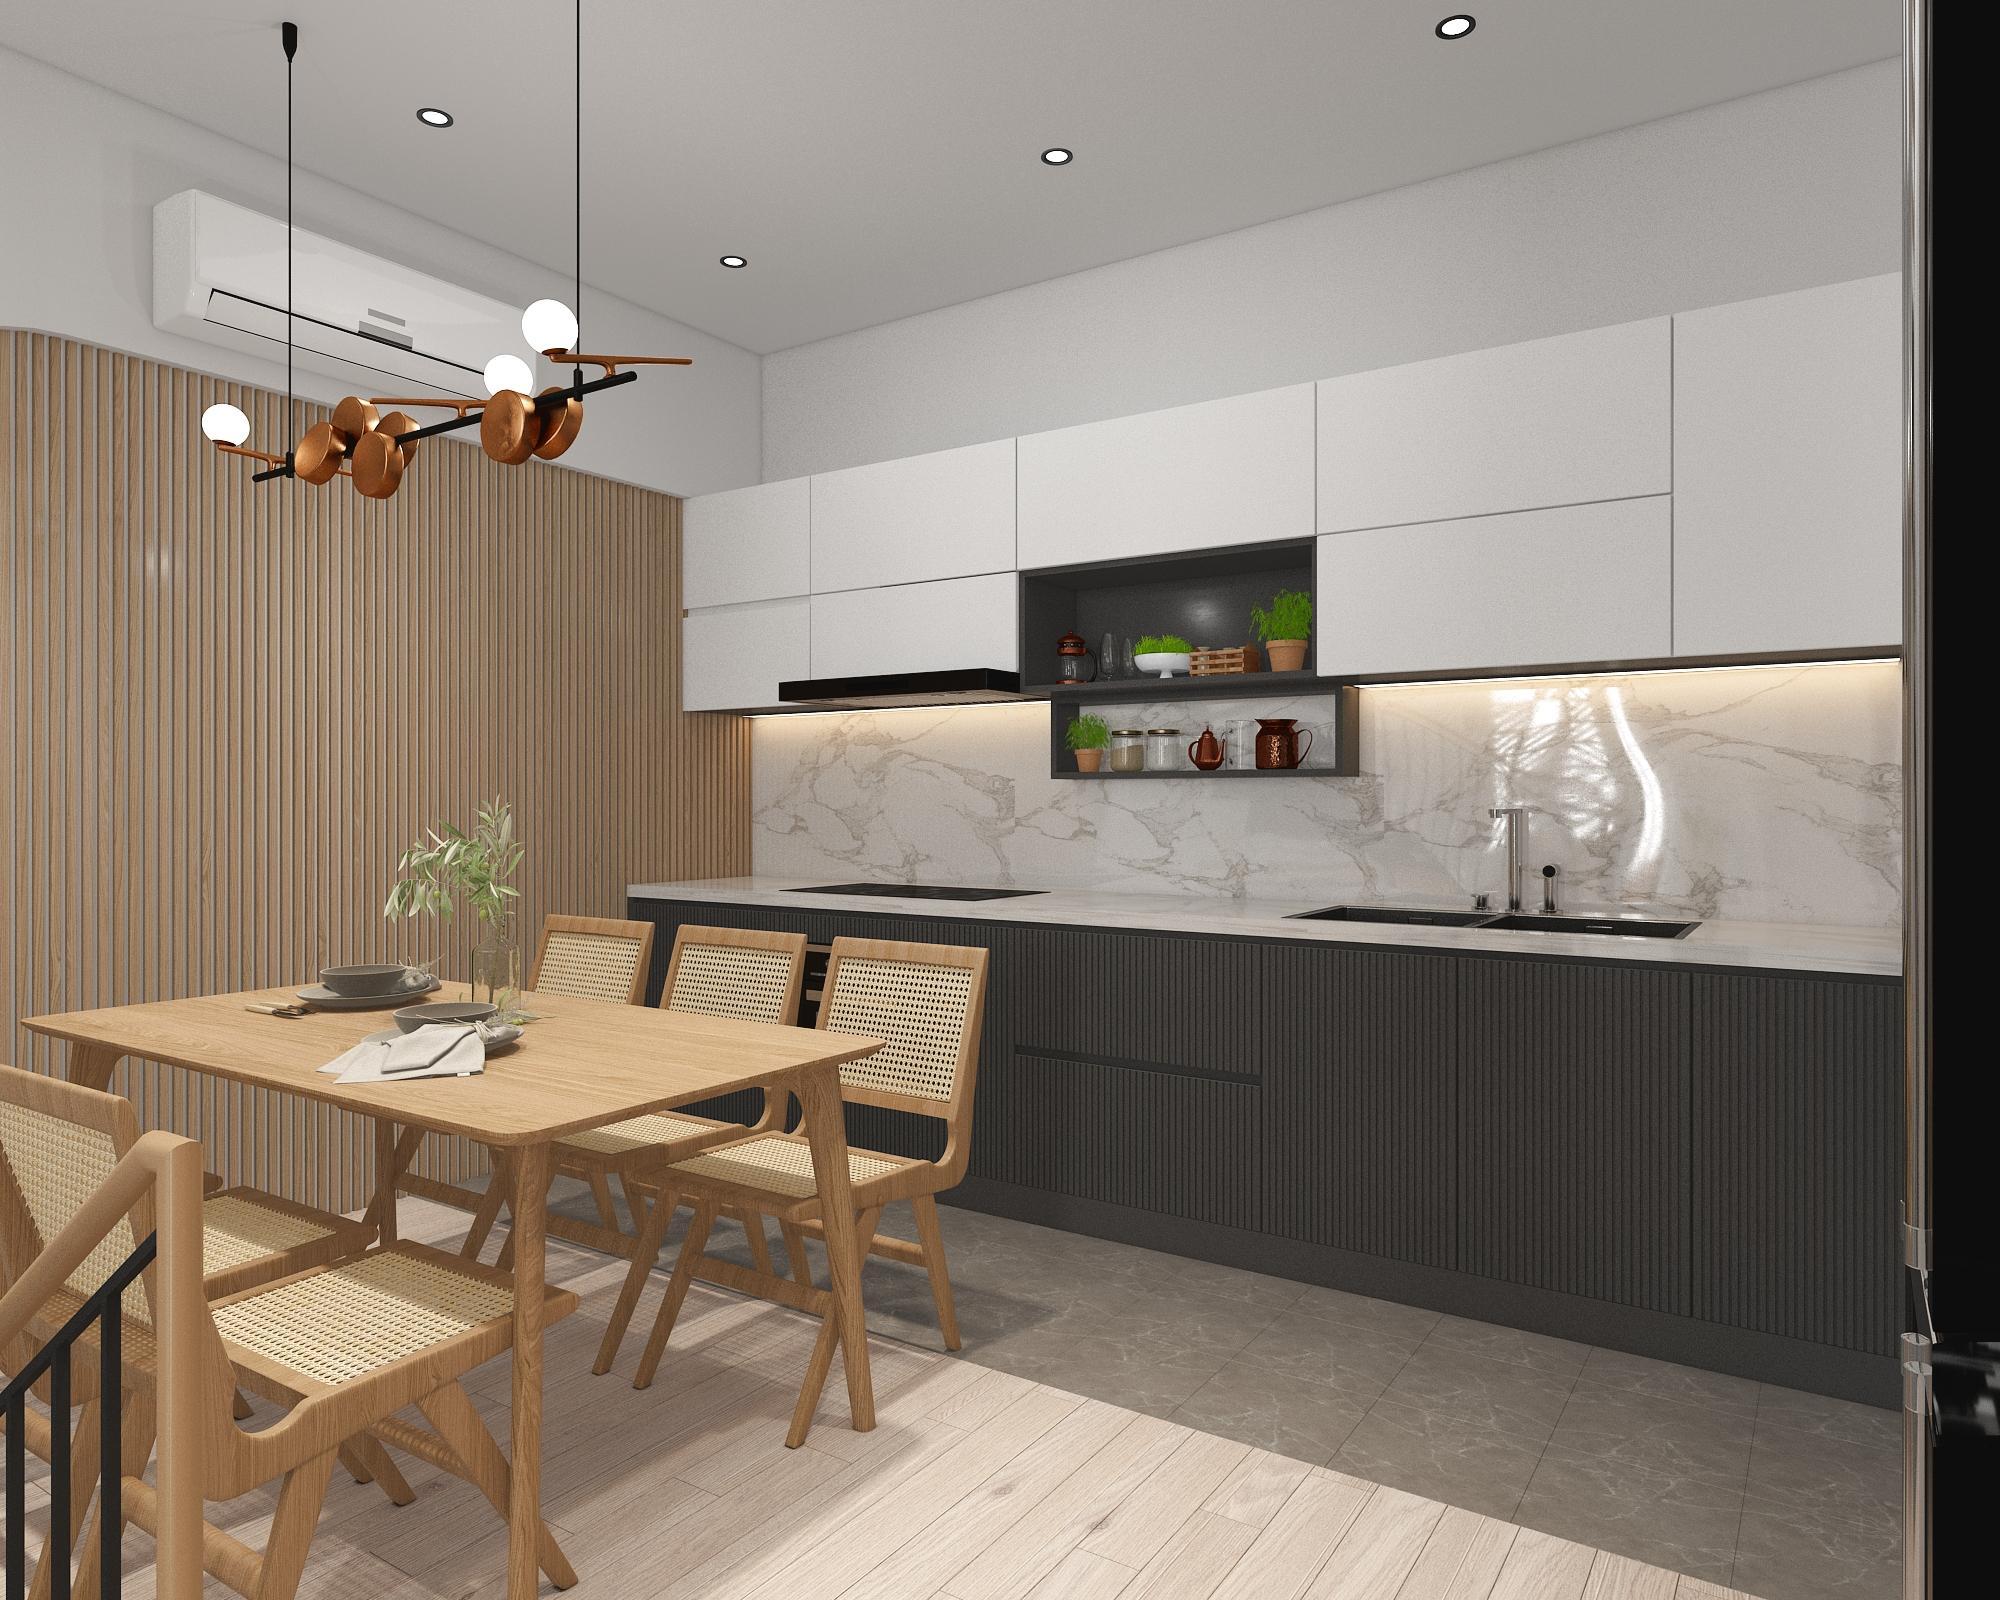 Tủ bếp tối giản, tiện nghi với 2 tone màu chủ đạo